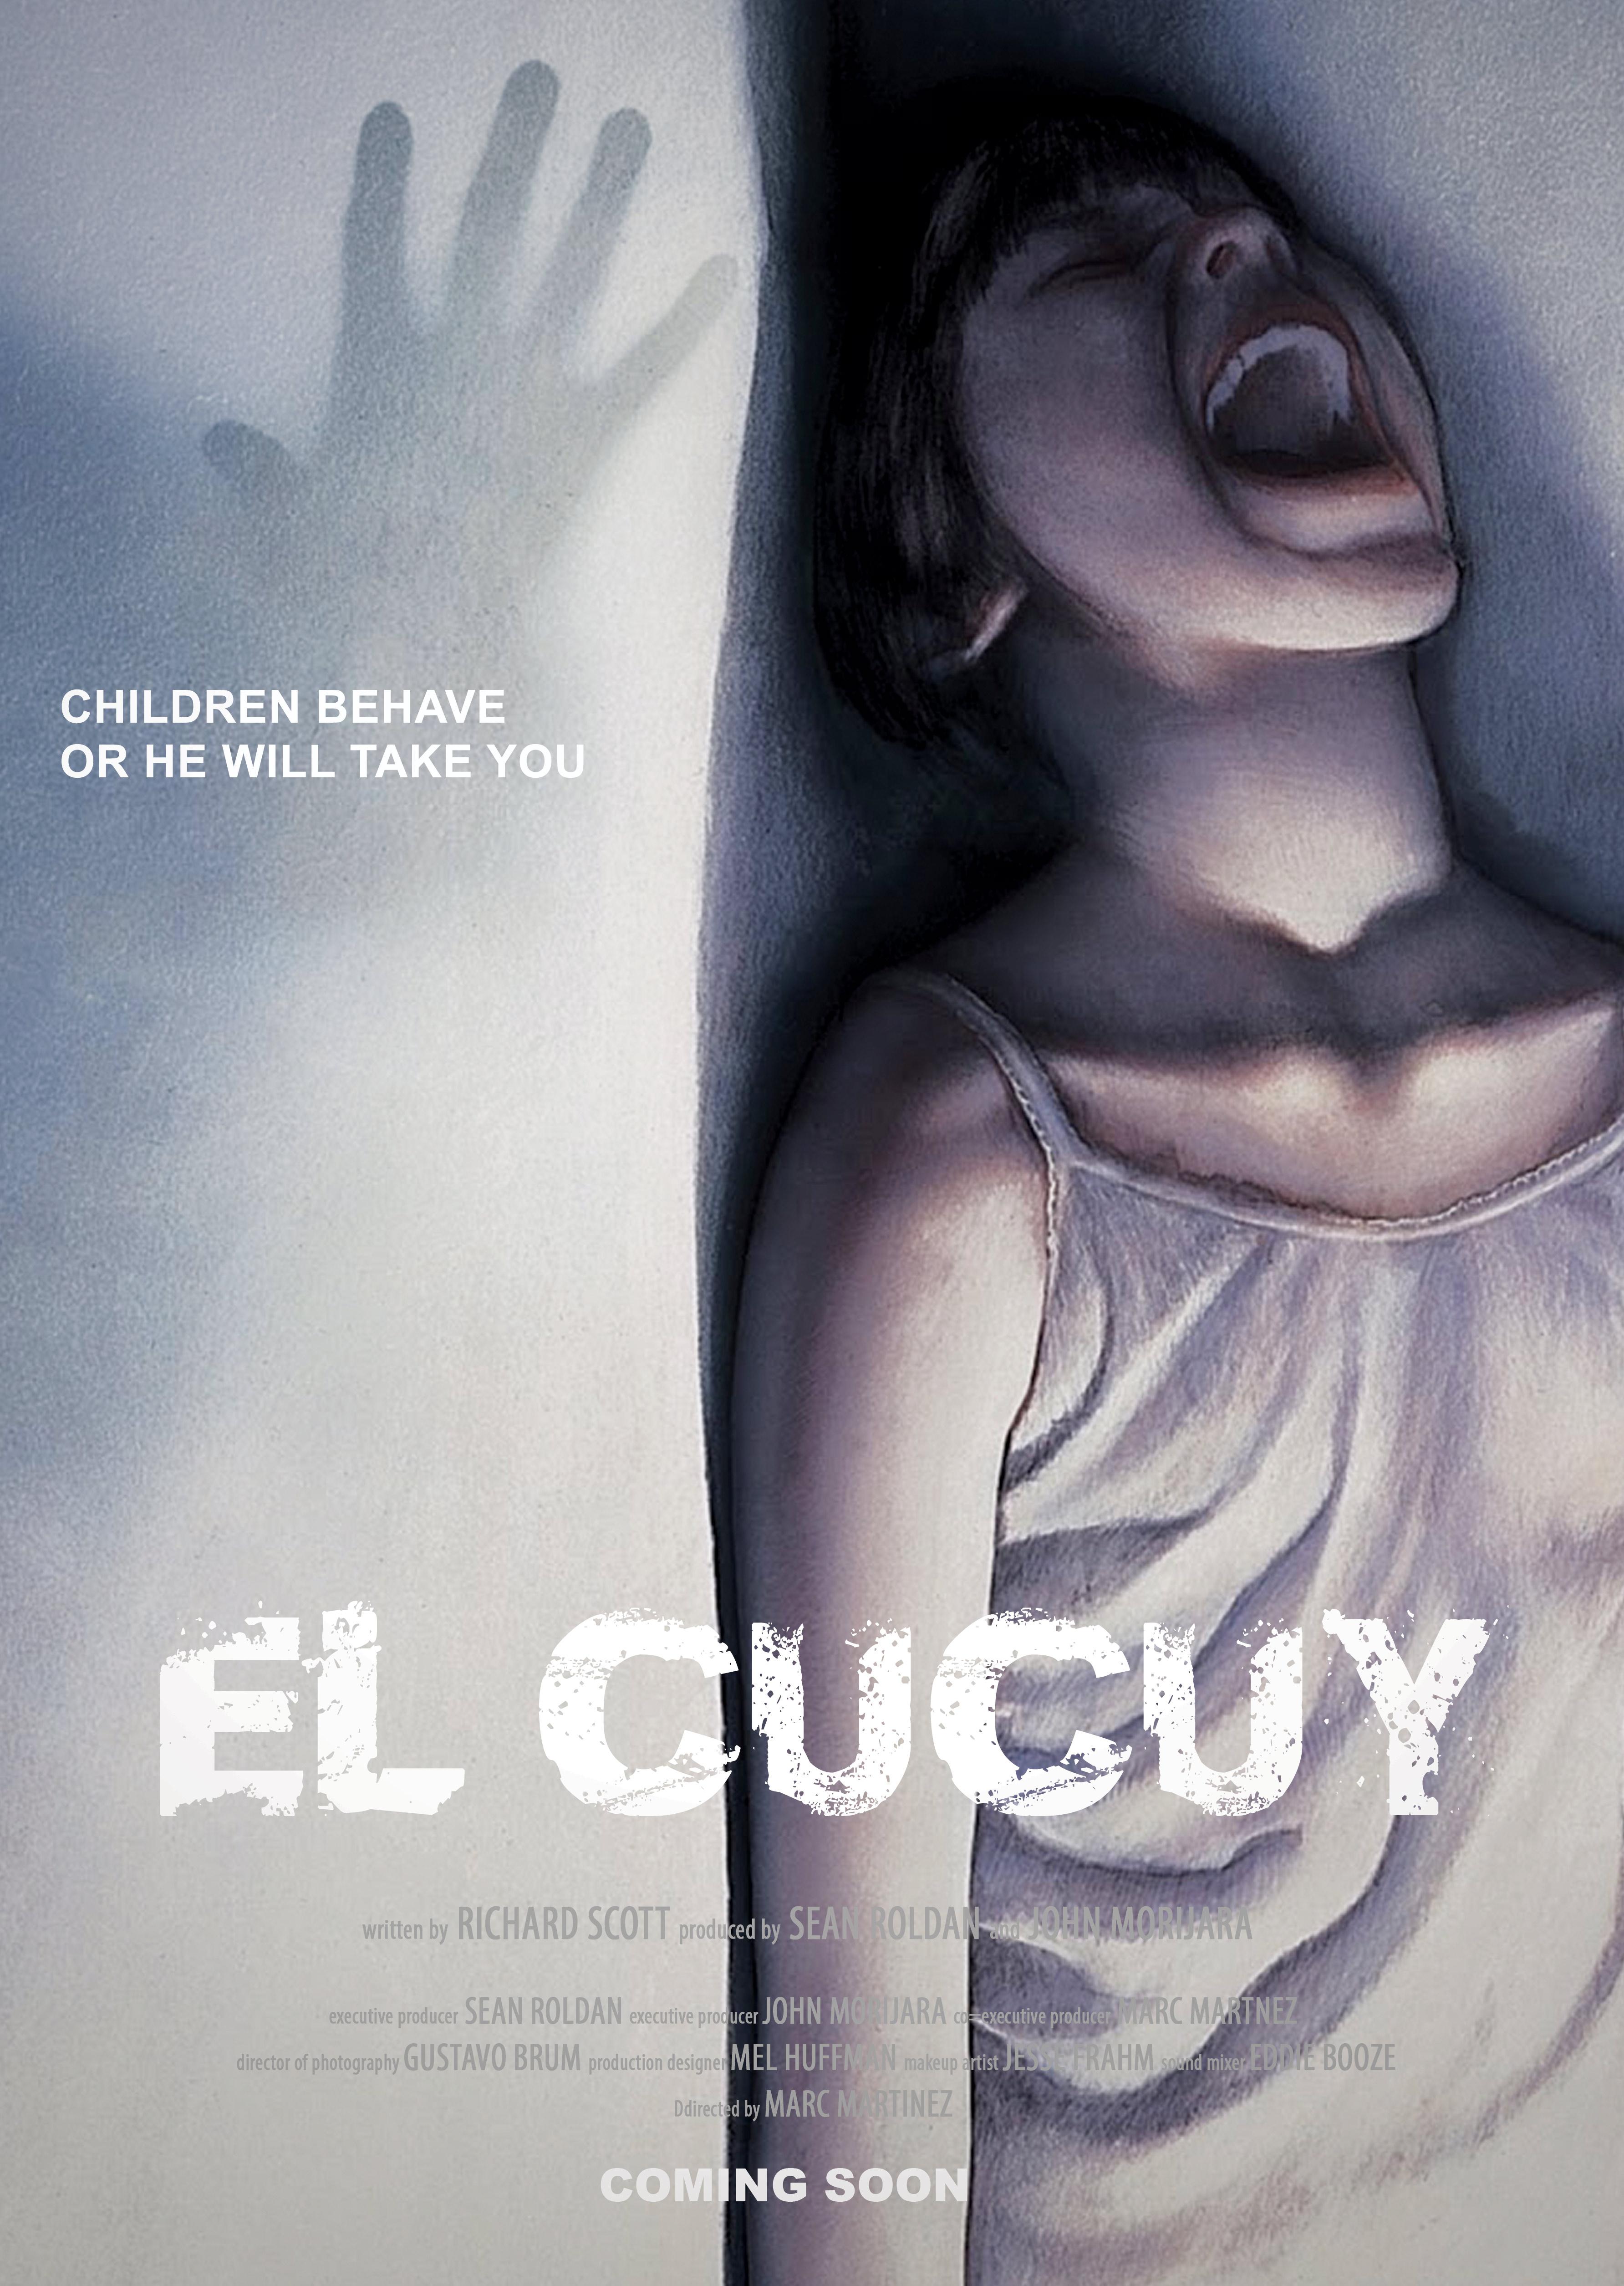 el-cucuy-preliminary-movie-poster-no-director